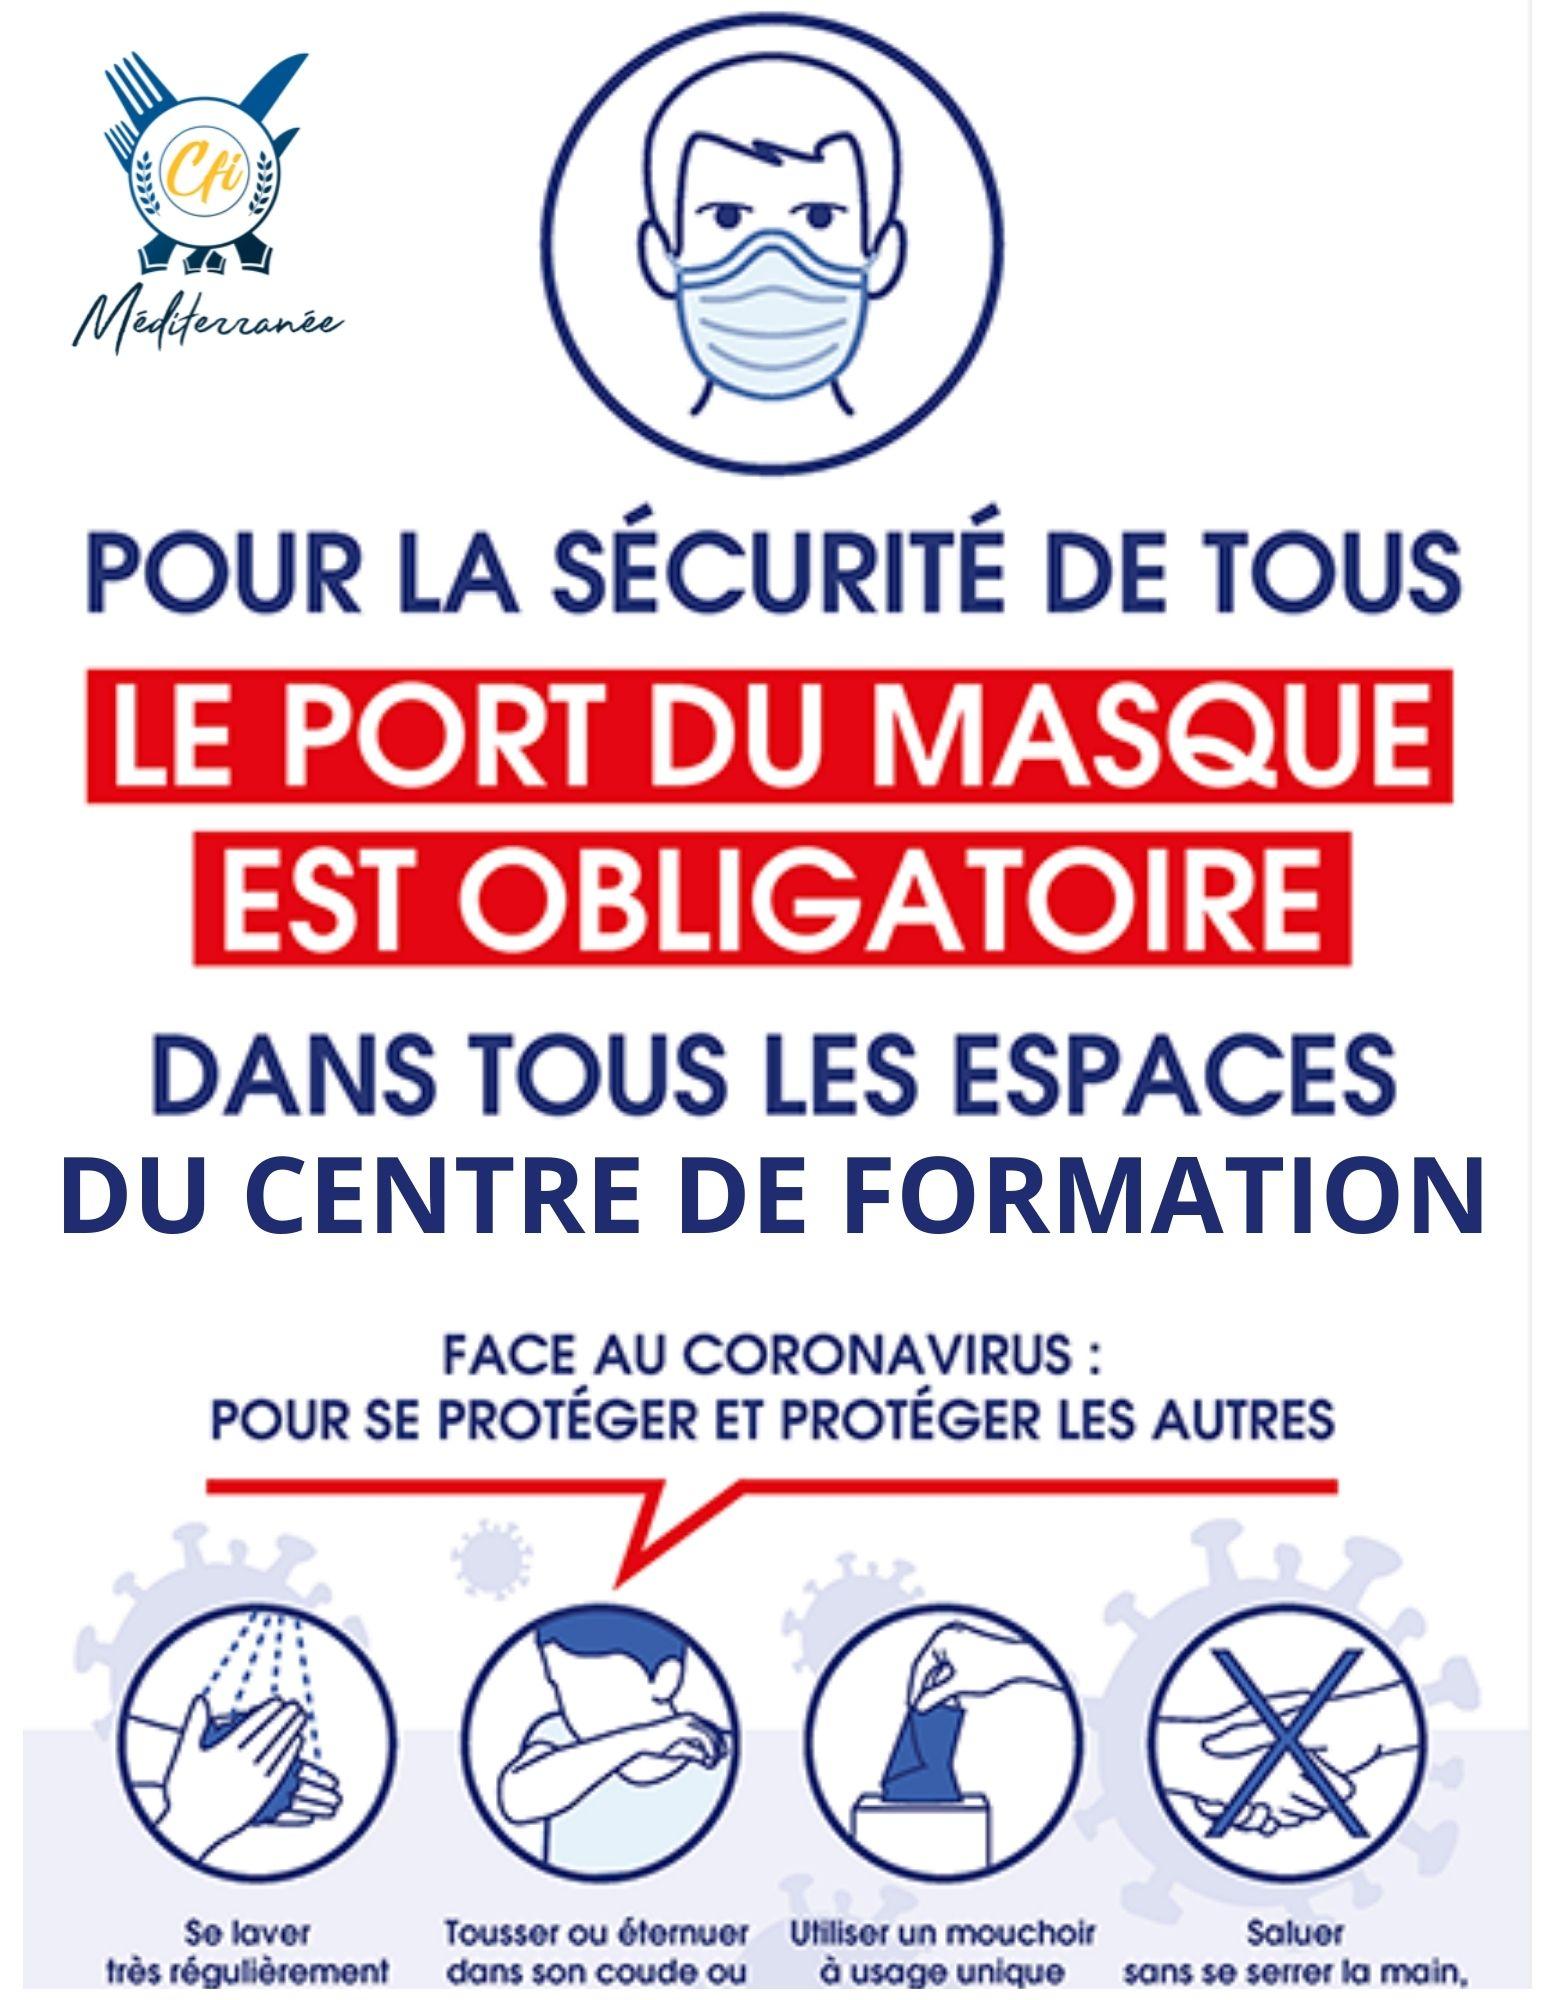 Consignes sanitaires applicables au CFI Méditerranée